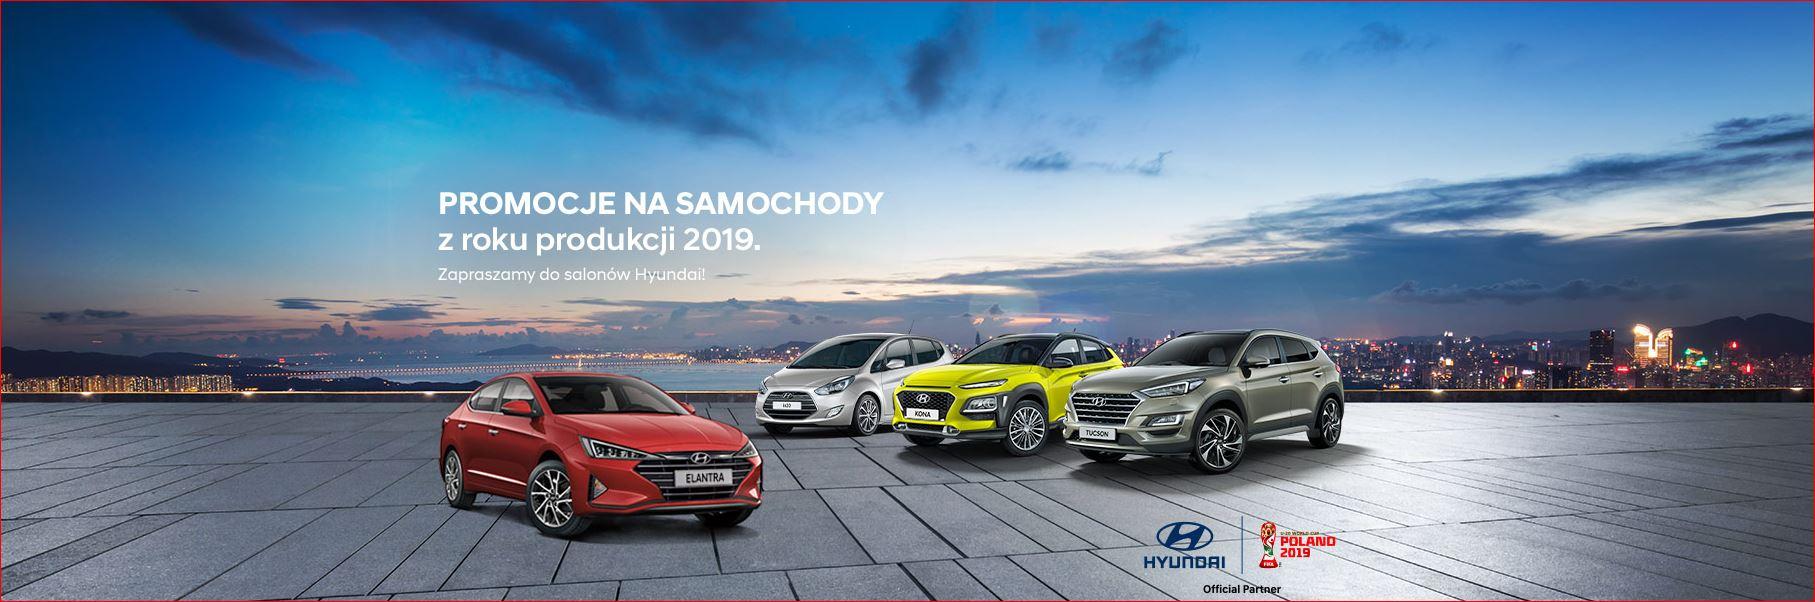 Hyundai ustala promocje na samochody z rocznika 2019 5